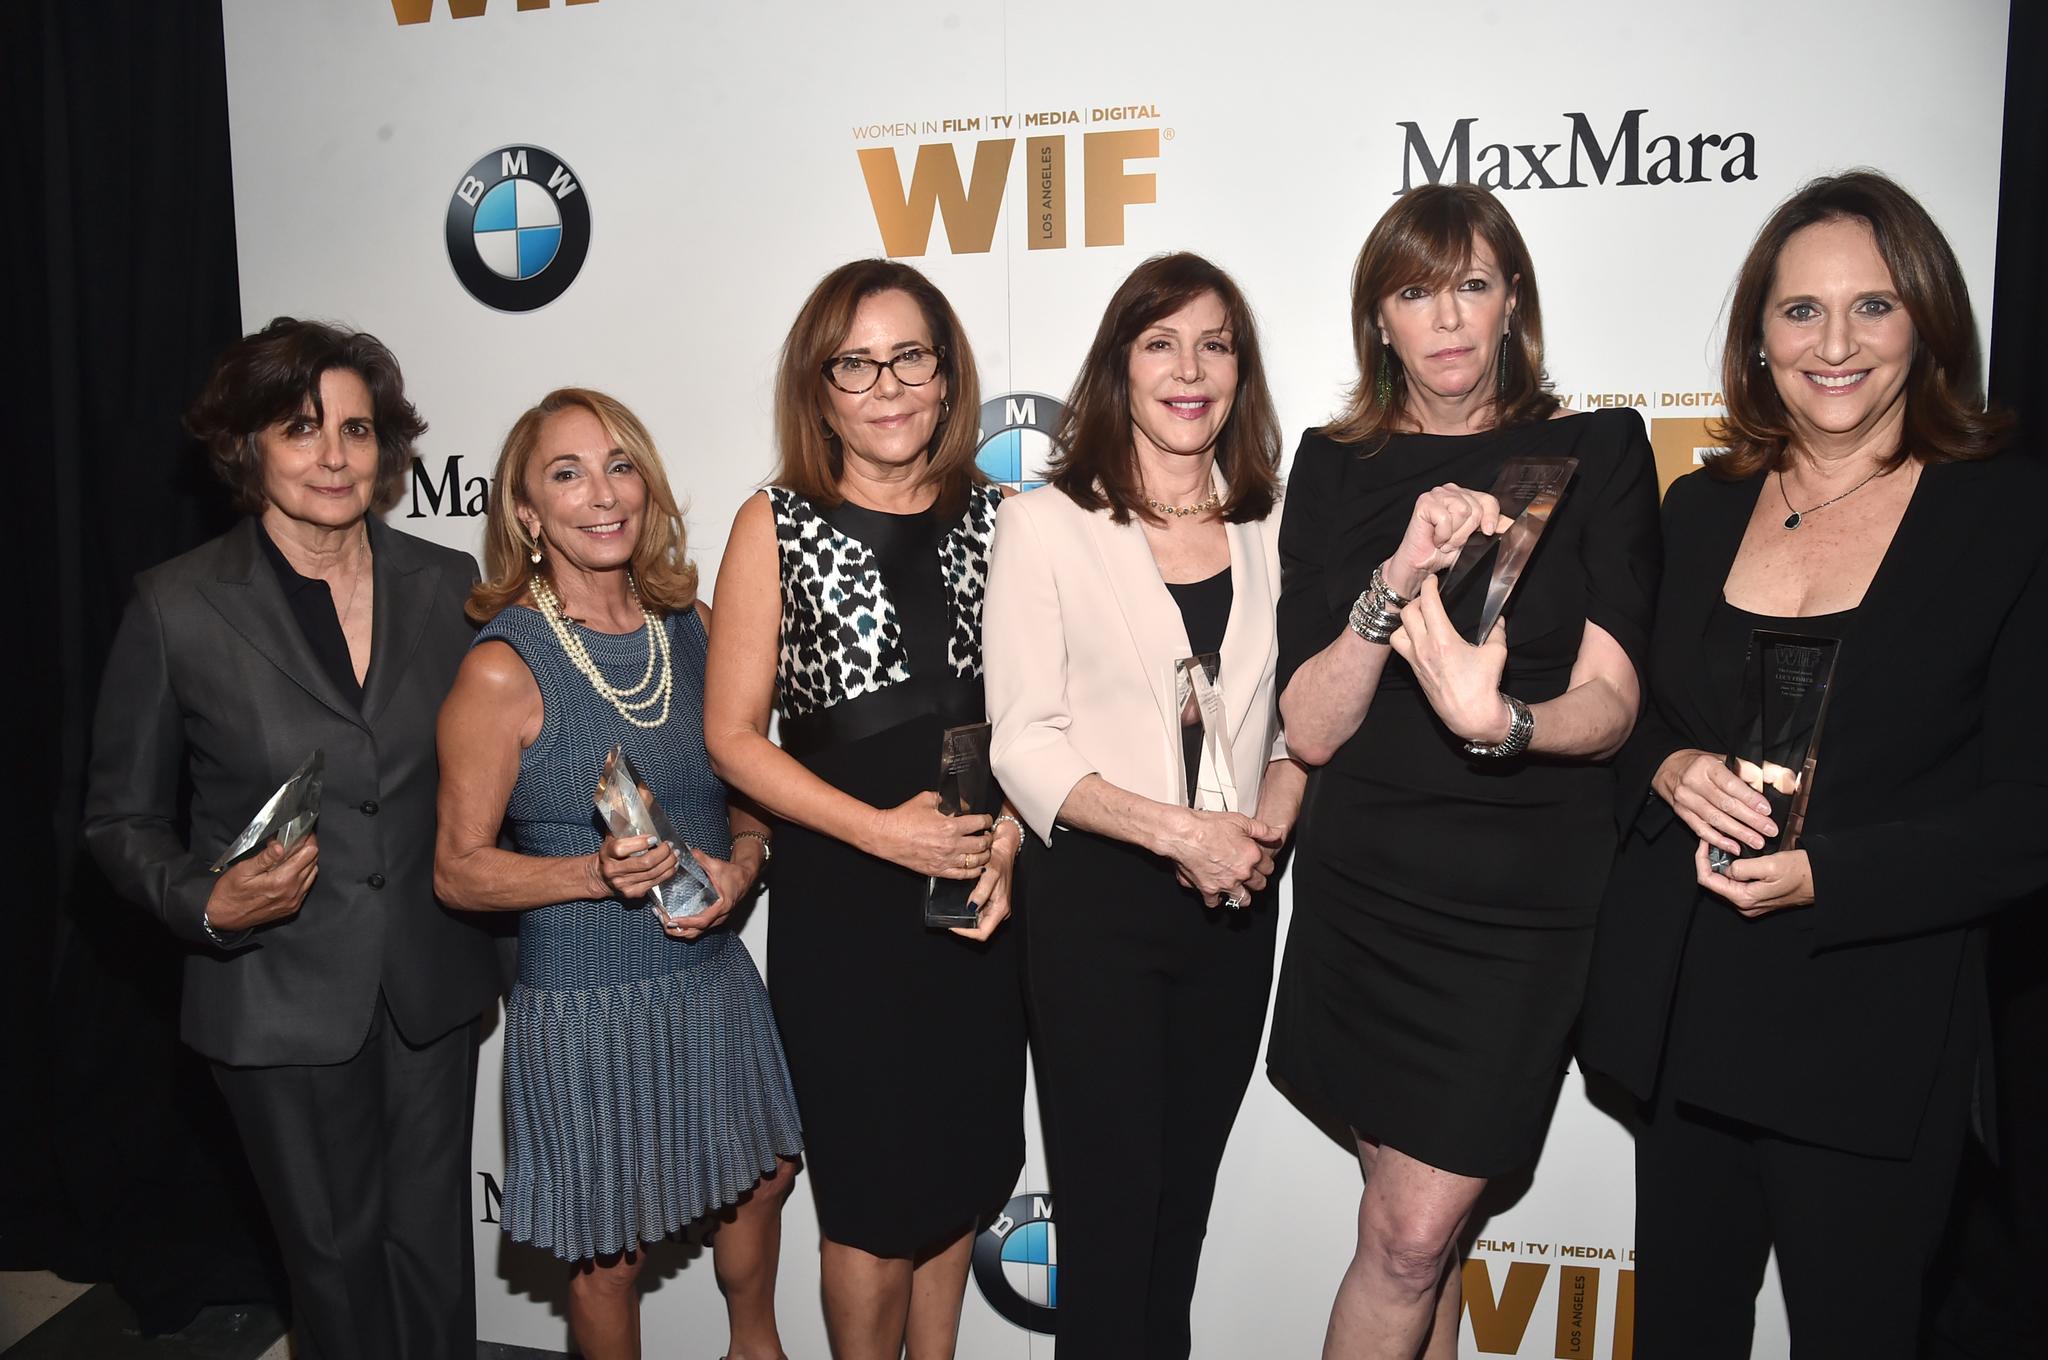 Denise Di Novi, Lucy Fisher, Lianne Halfon, Lynda Obst, Jane Rosenthal, and Lauren Shuler Donner